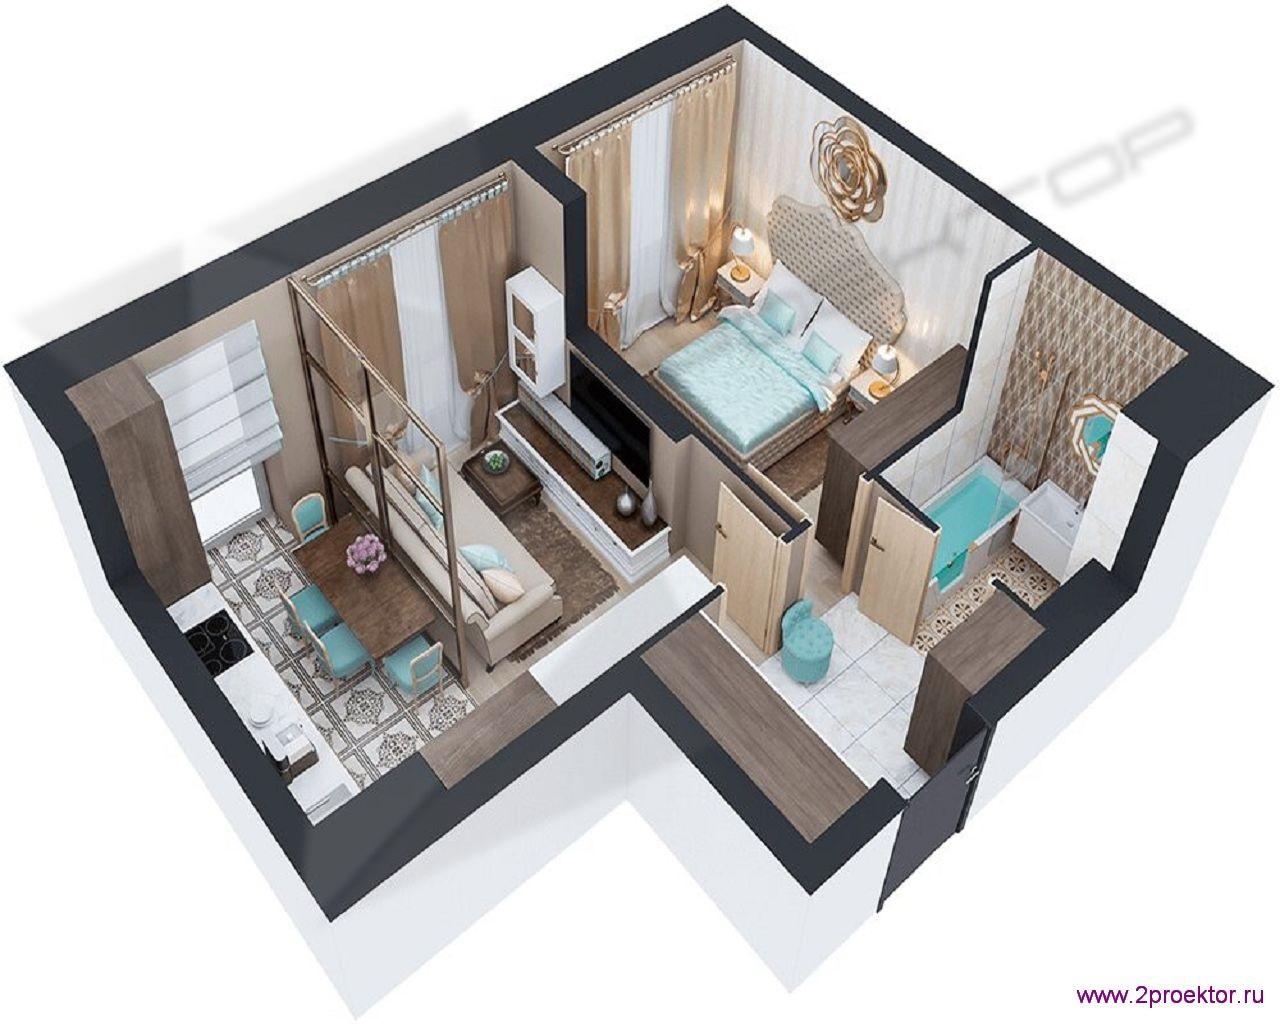 Типовой вариант планировки в восточном стиле двухкомнатной квартиры в Жилом комплексе Невский.